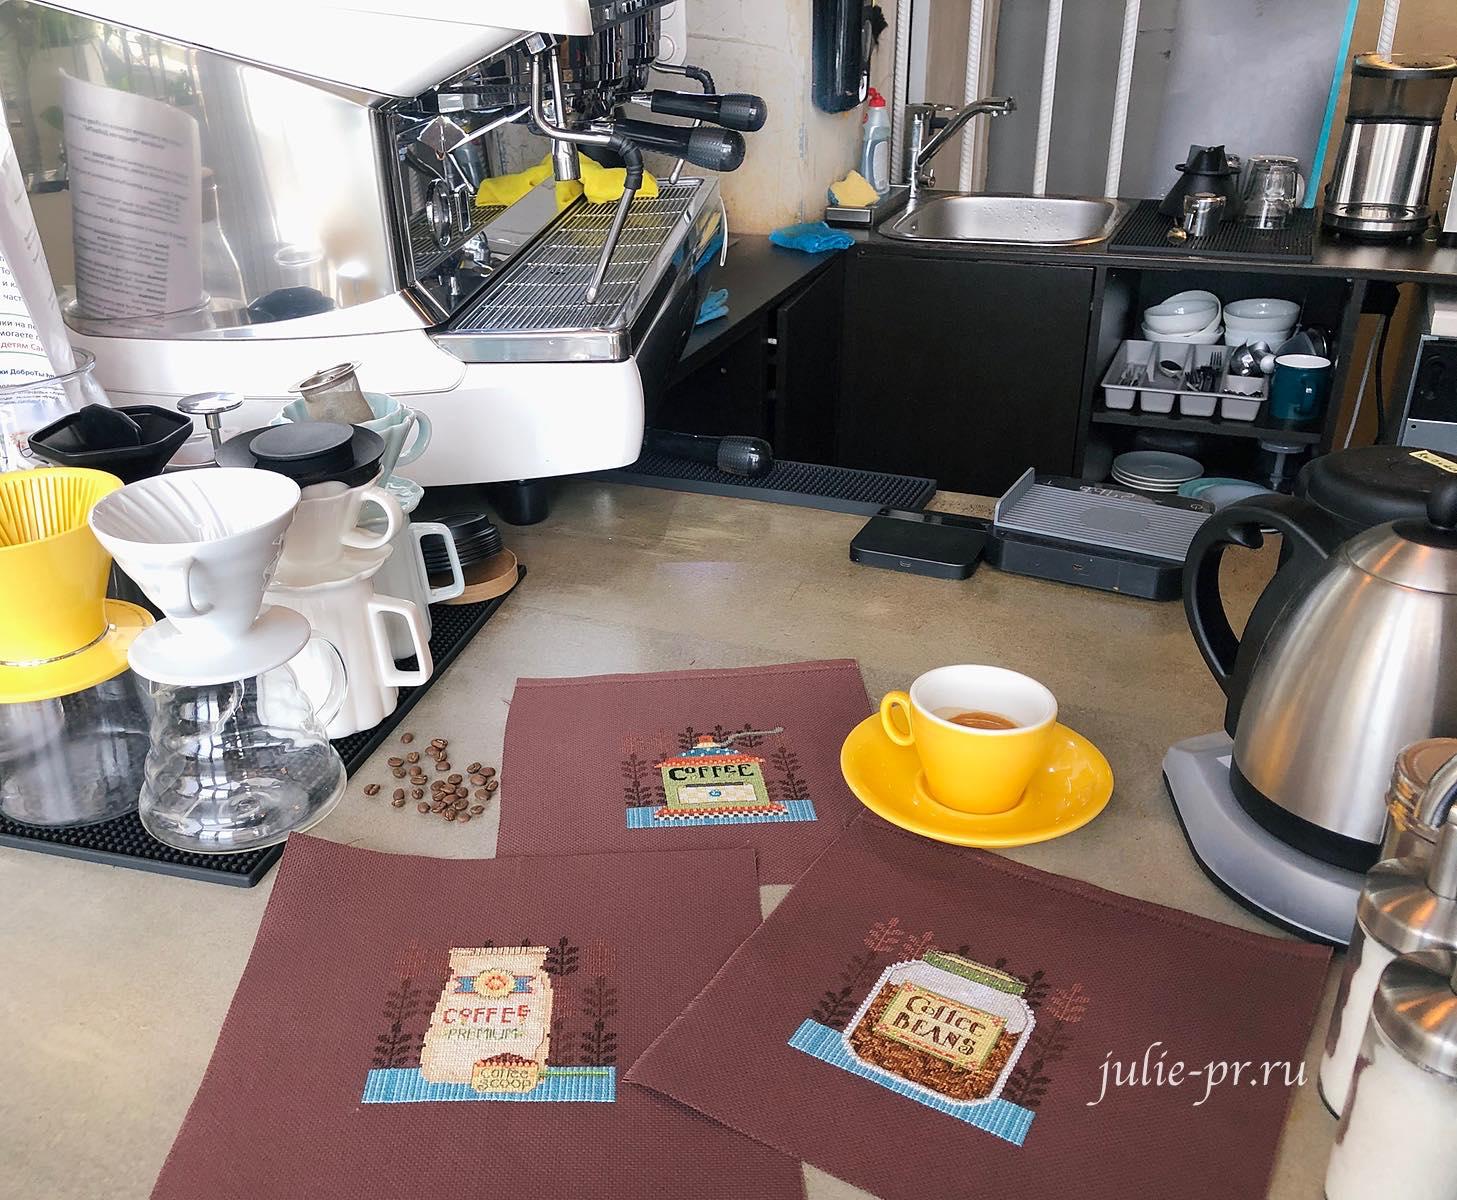 Debbie Mumm, Mill Hill, Good coffee and friends, вышивка крестом, вышивка бисером, кофе, хороший кофе и друзья, кофемолка